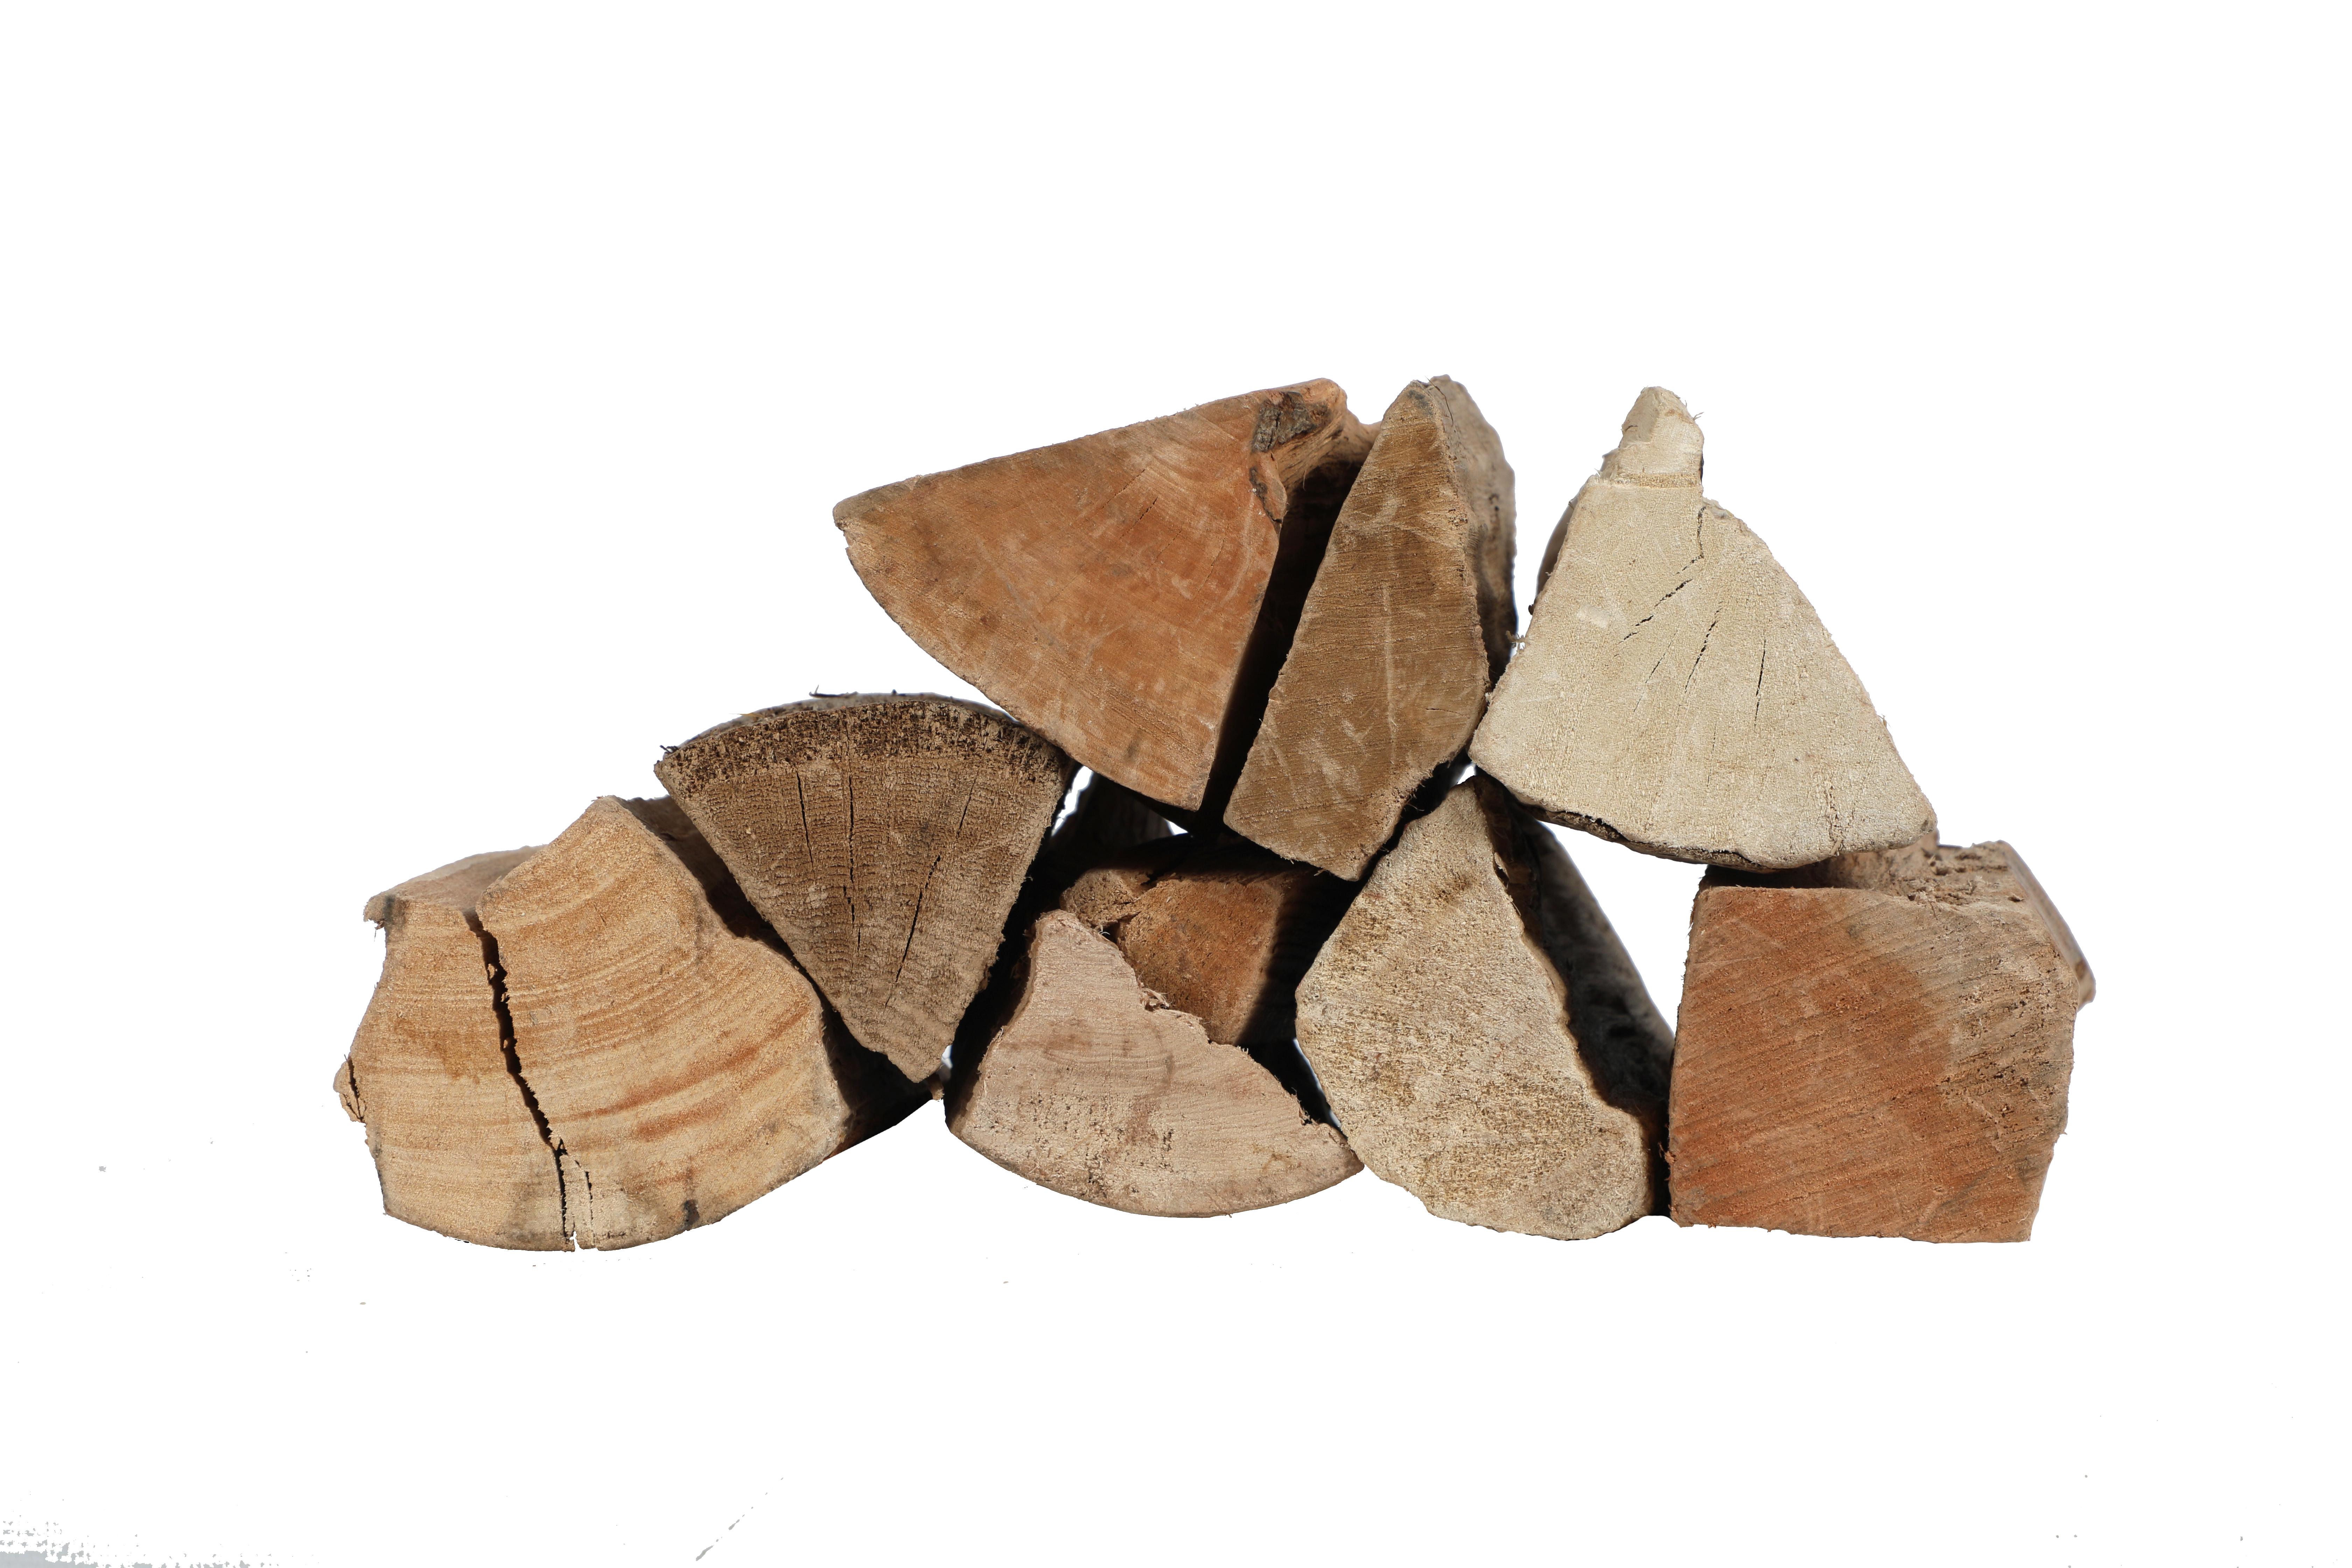 Quand Acheter Son Bois De Chauffage buches de bois compressé total : prix et livraison france